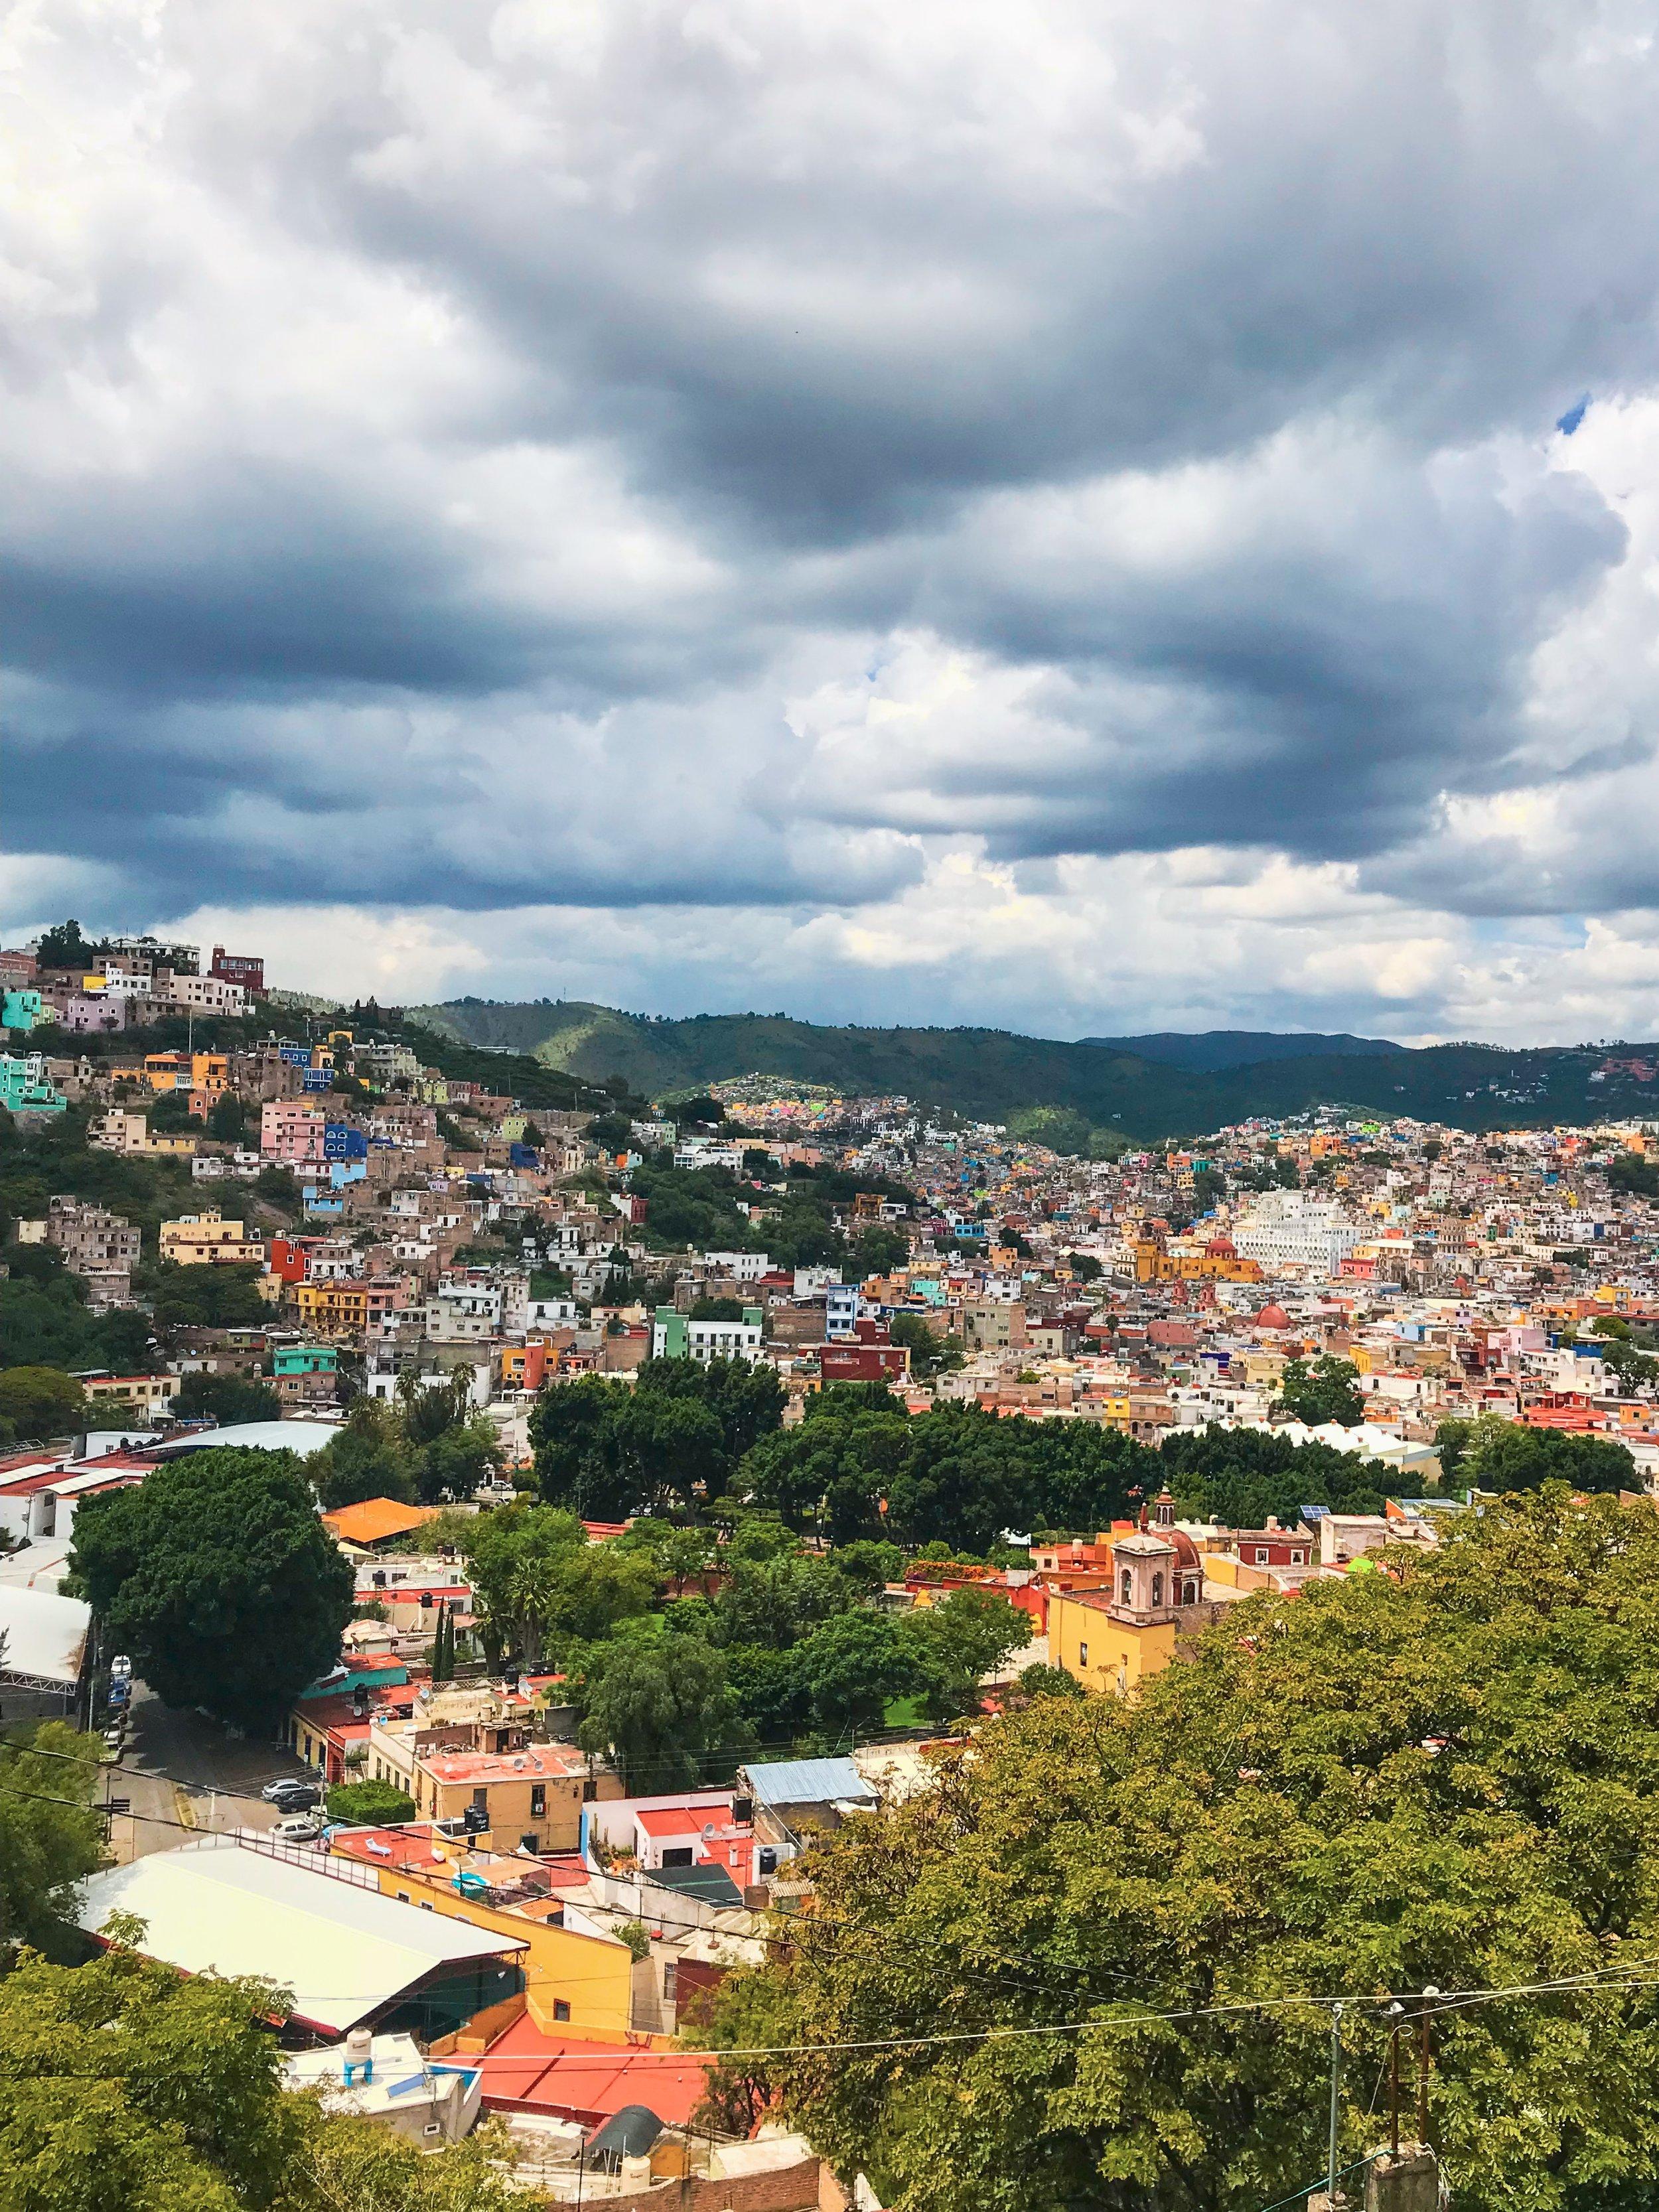 Adiós, Guanajuato